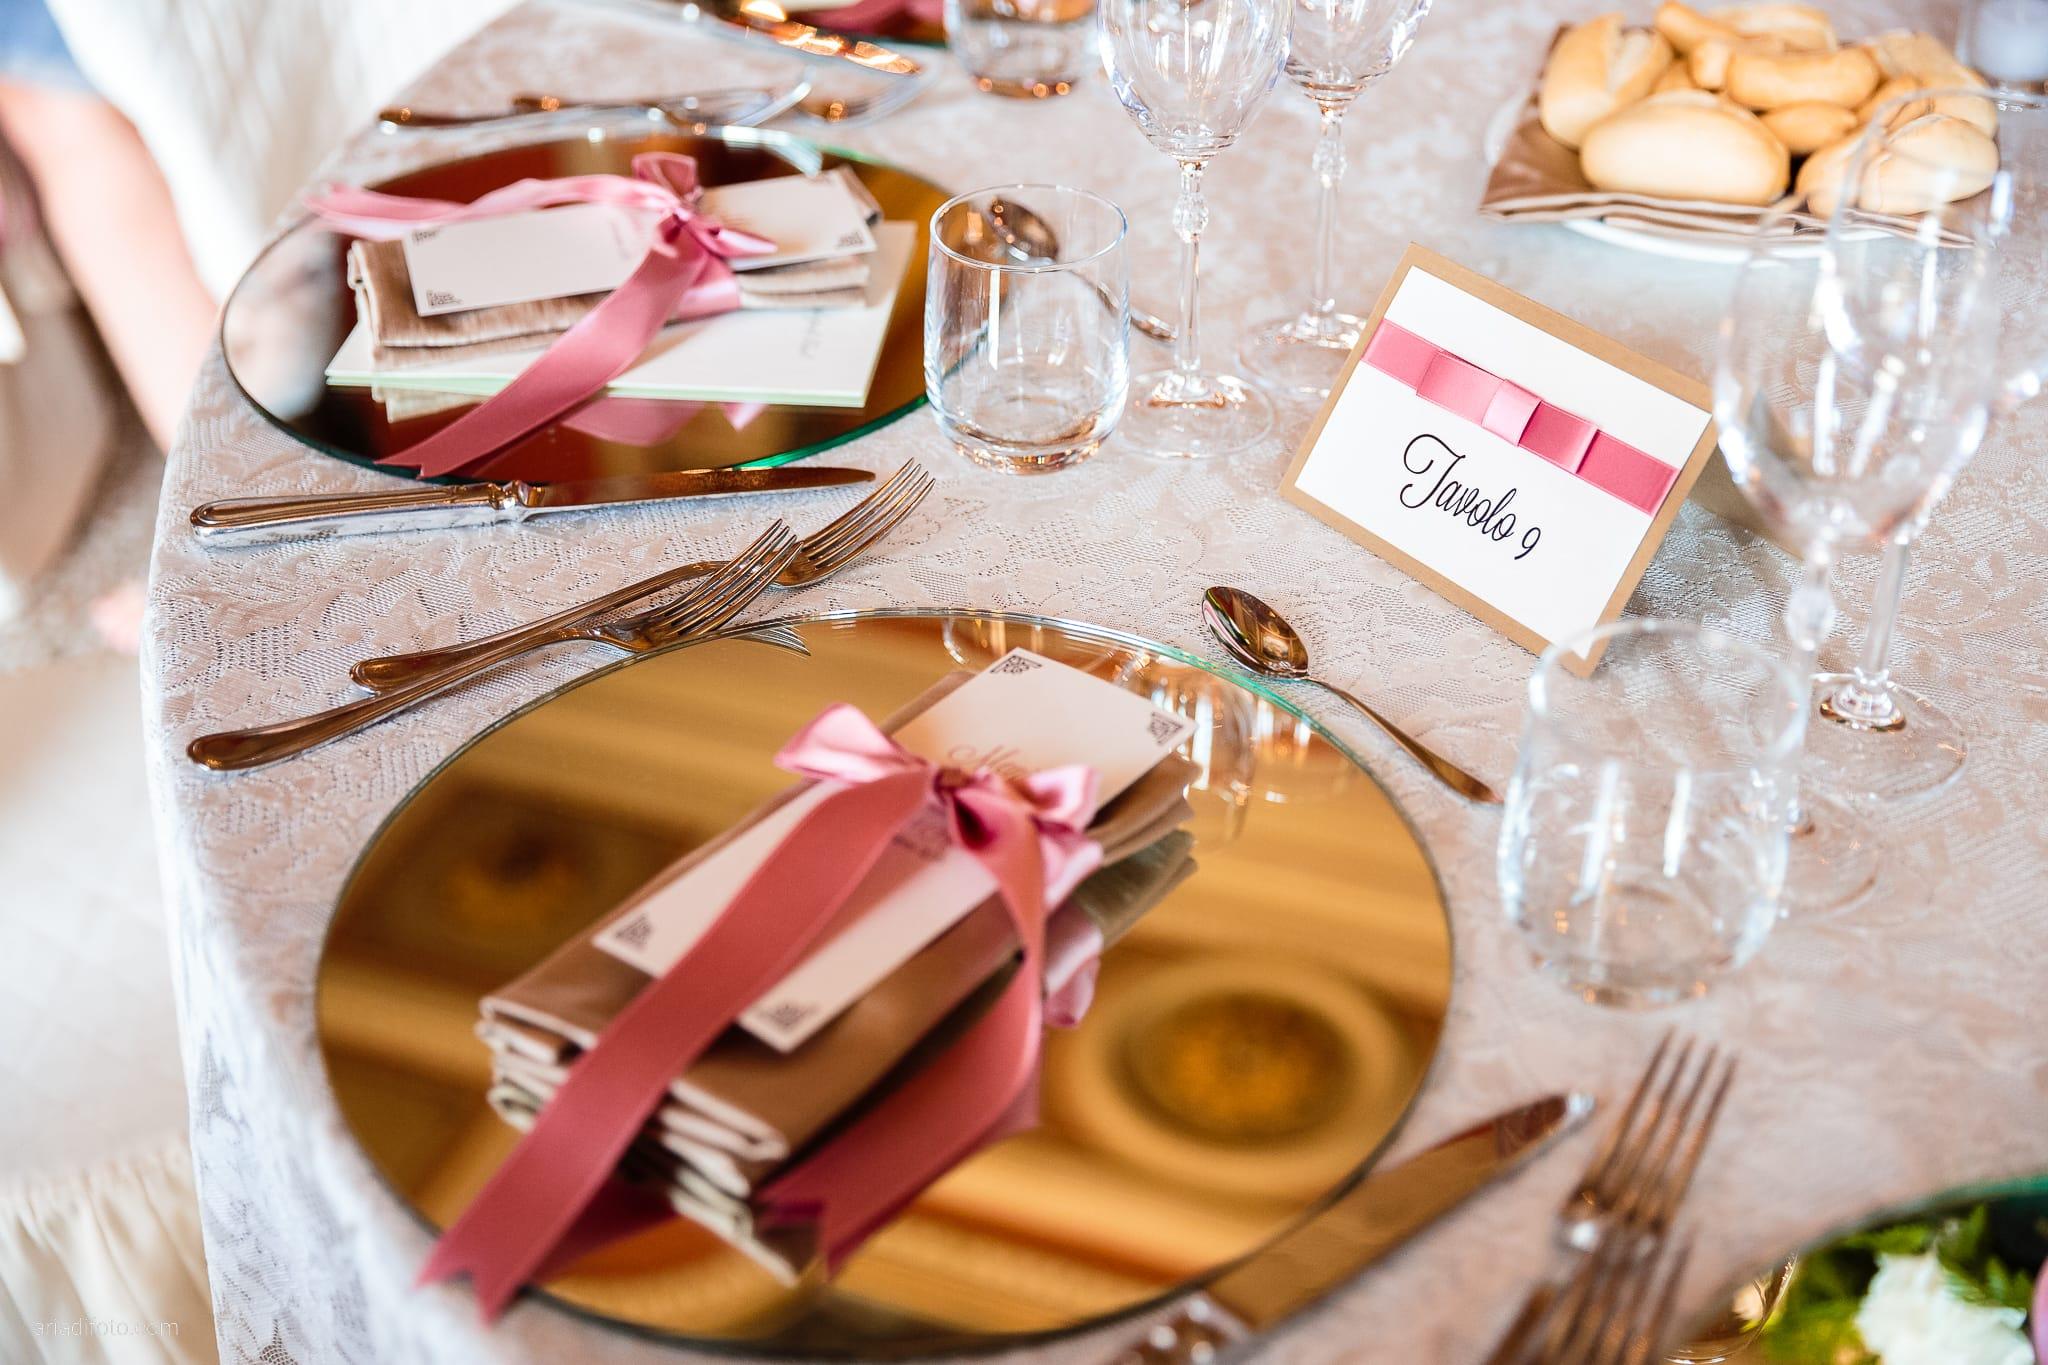 Eleonora Andrea Matrimonio Castello Papadopoli Giol San Polo Piave Treviso ricevimento dettagli sala decorazioni allestimenti menu